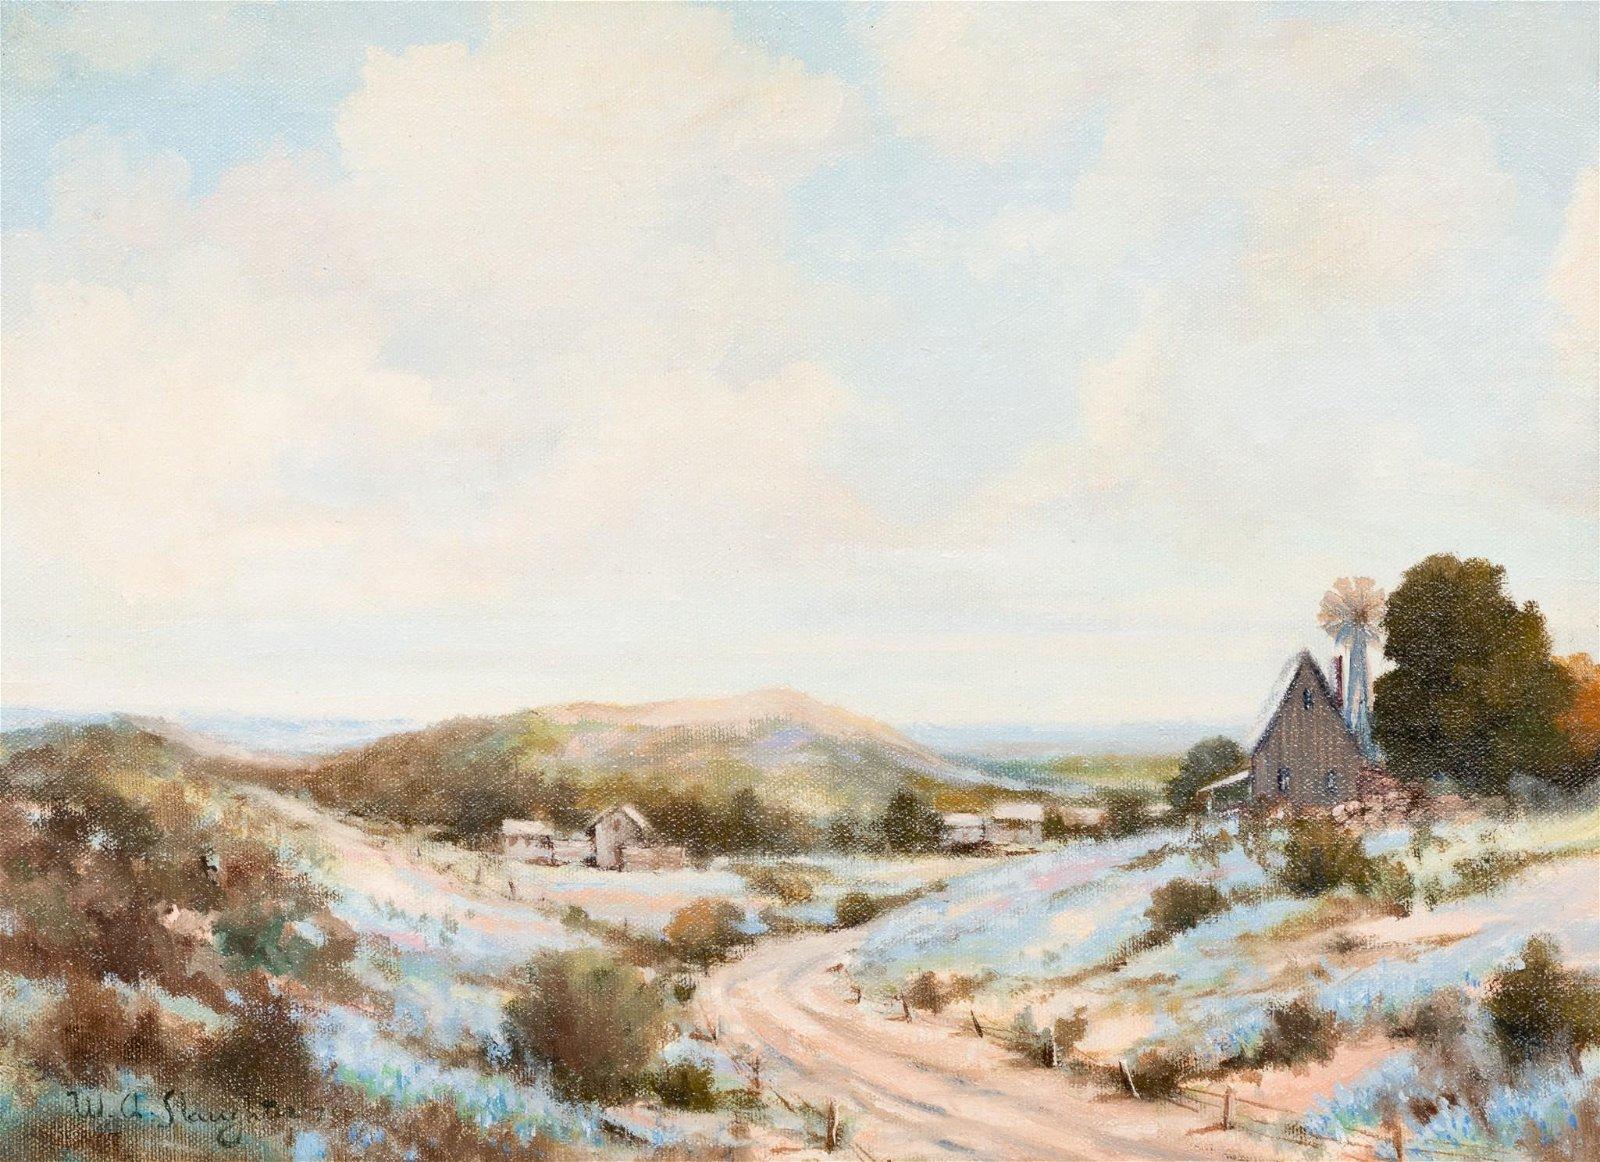 William Slaughter (1923-2003), Bluebonnet Farm, 1978,